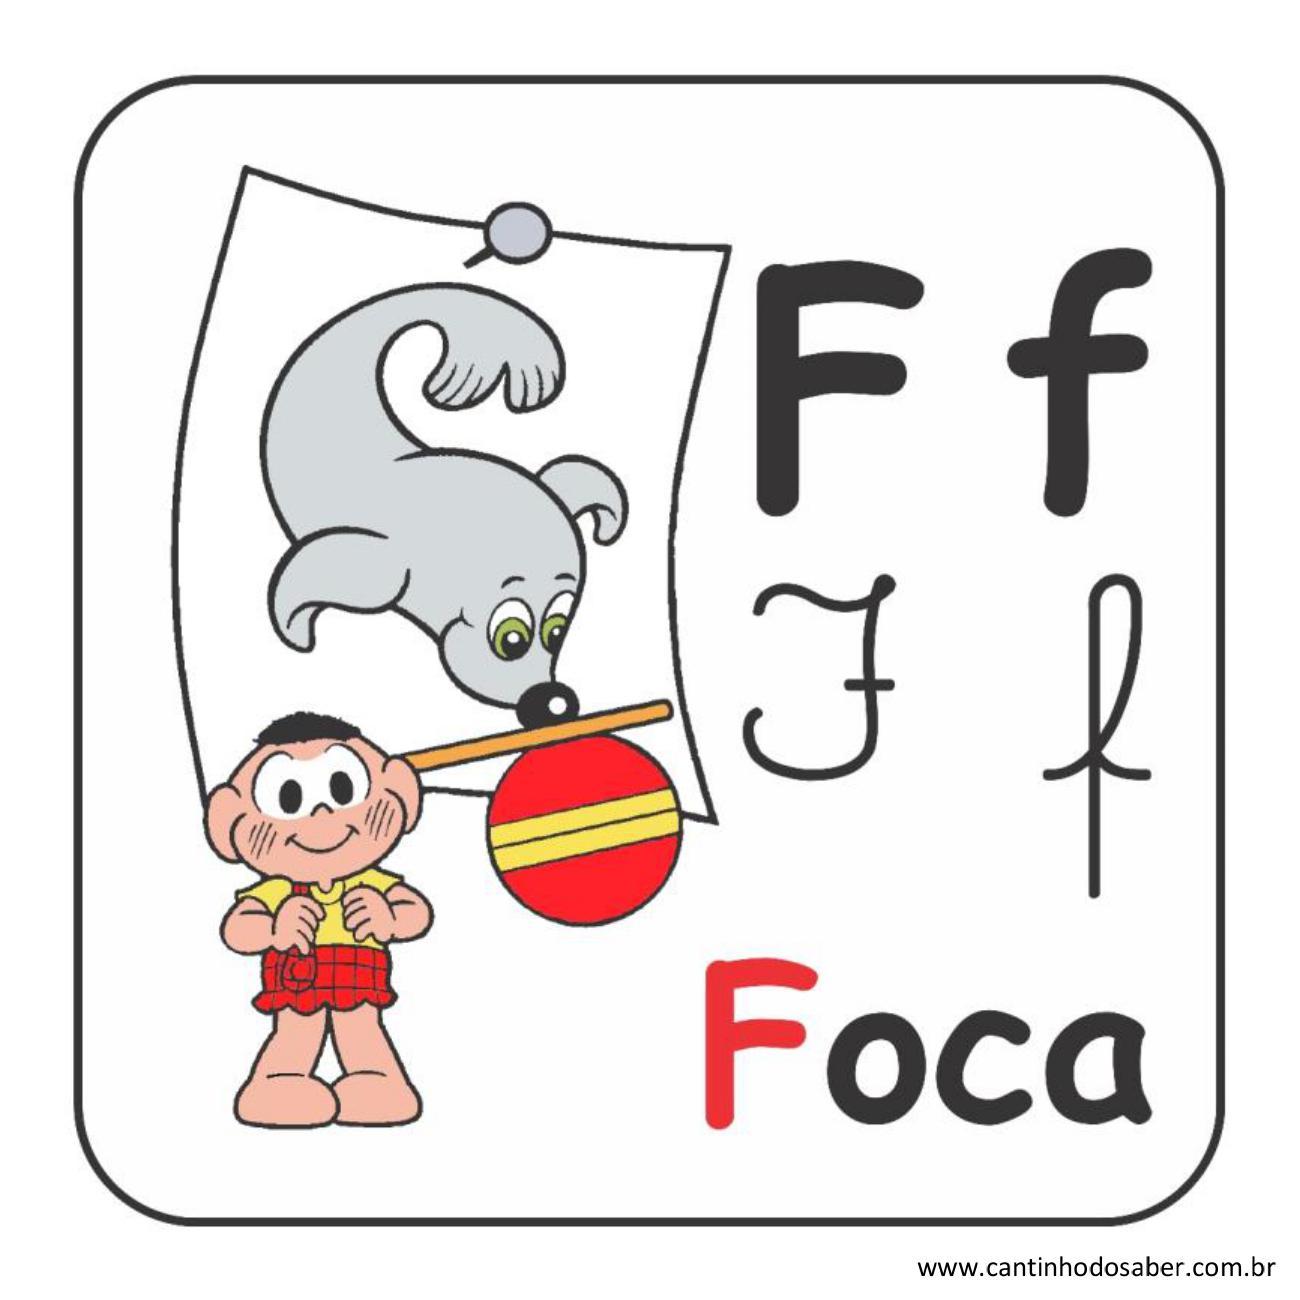 Alfabeto da turma da mônica em letra bastão e cursiva letra f